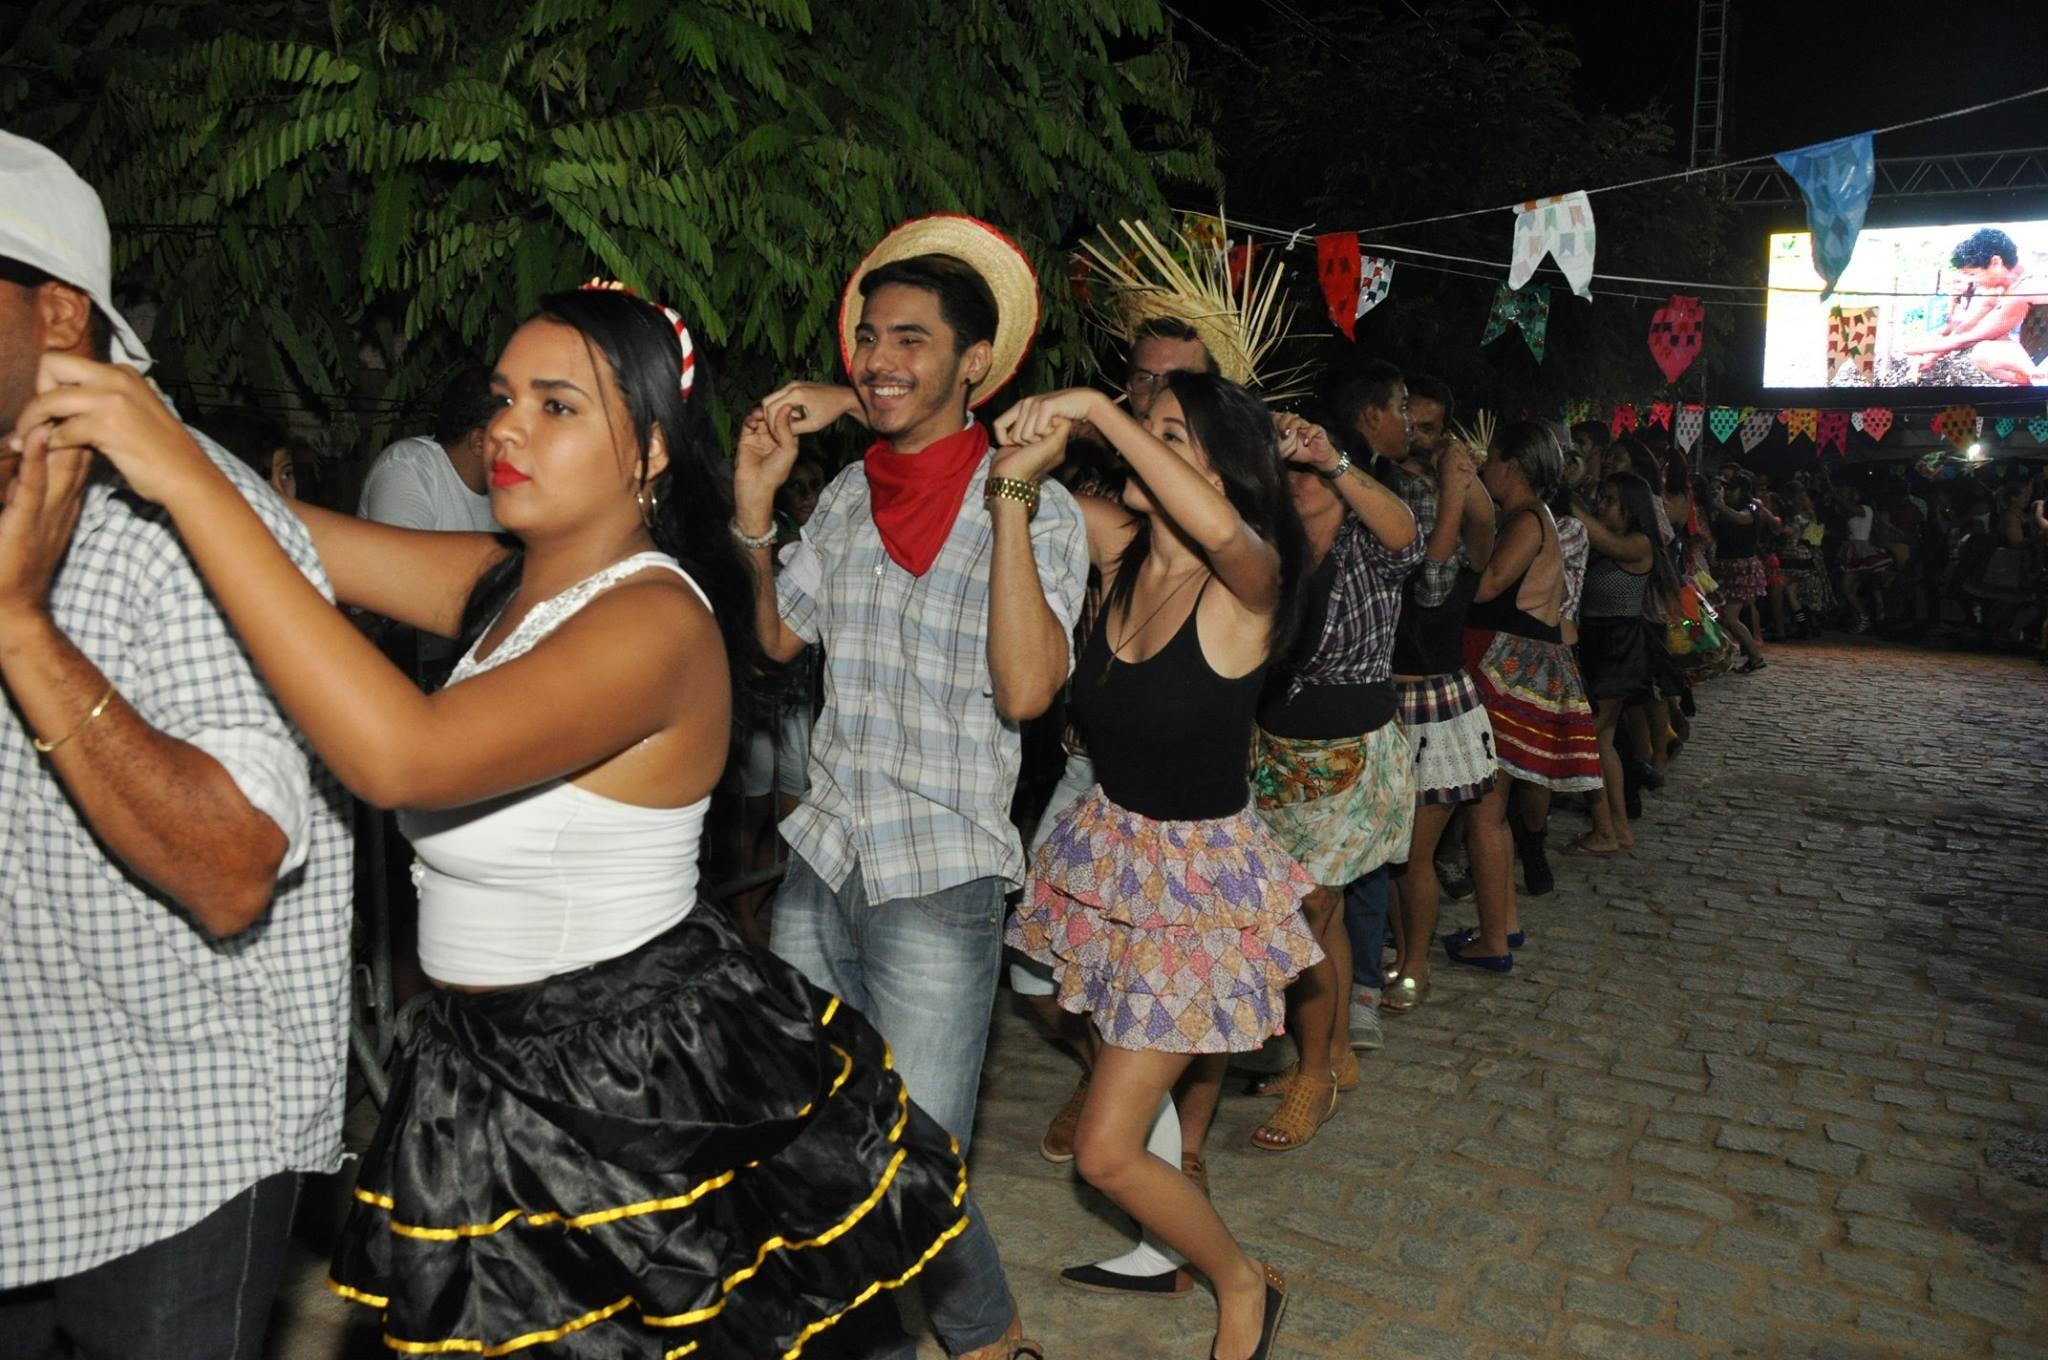 19144098_1899328900340300_3166885701914288316_o-1024x680 OPIPOCO mostra como foi a Segunda noite do festival de quadrilhas em Monteiro. Confira Imagens